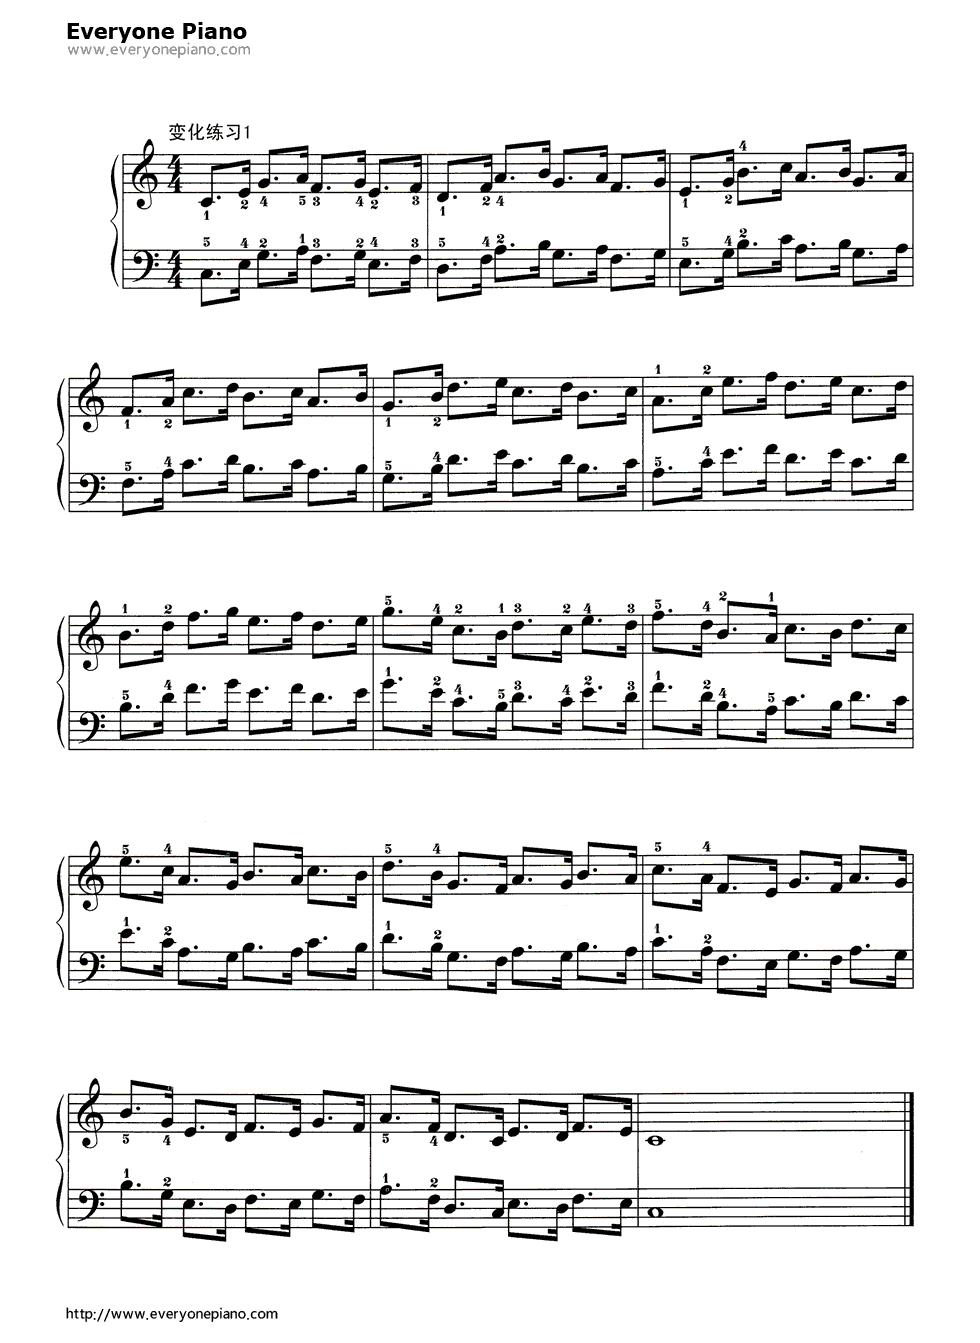 哈农基本练习8五线谱预览2-钢琴谱